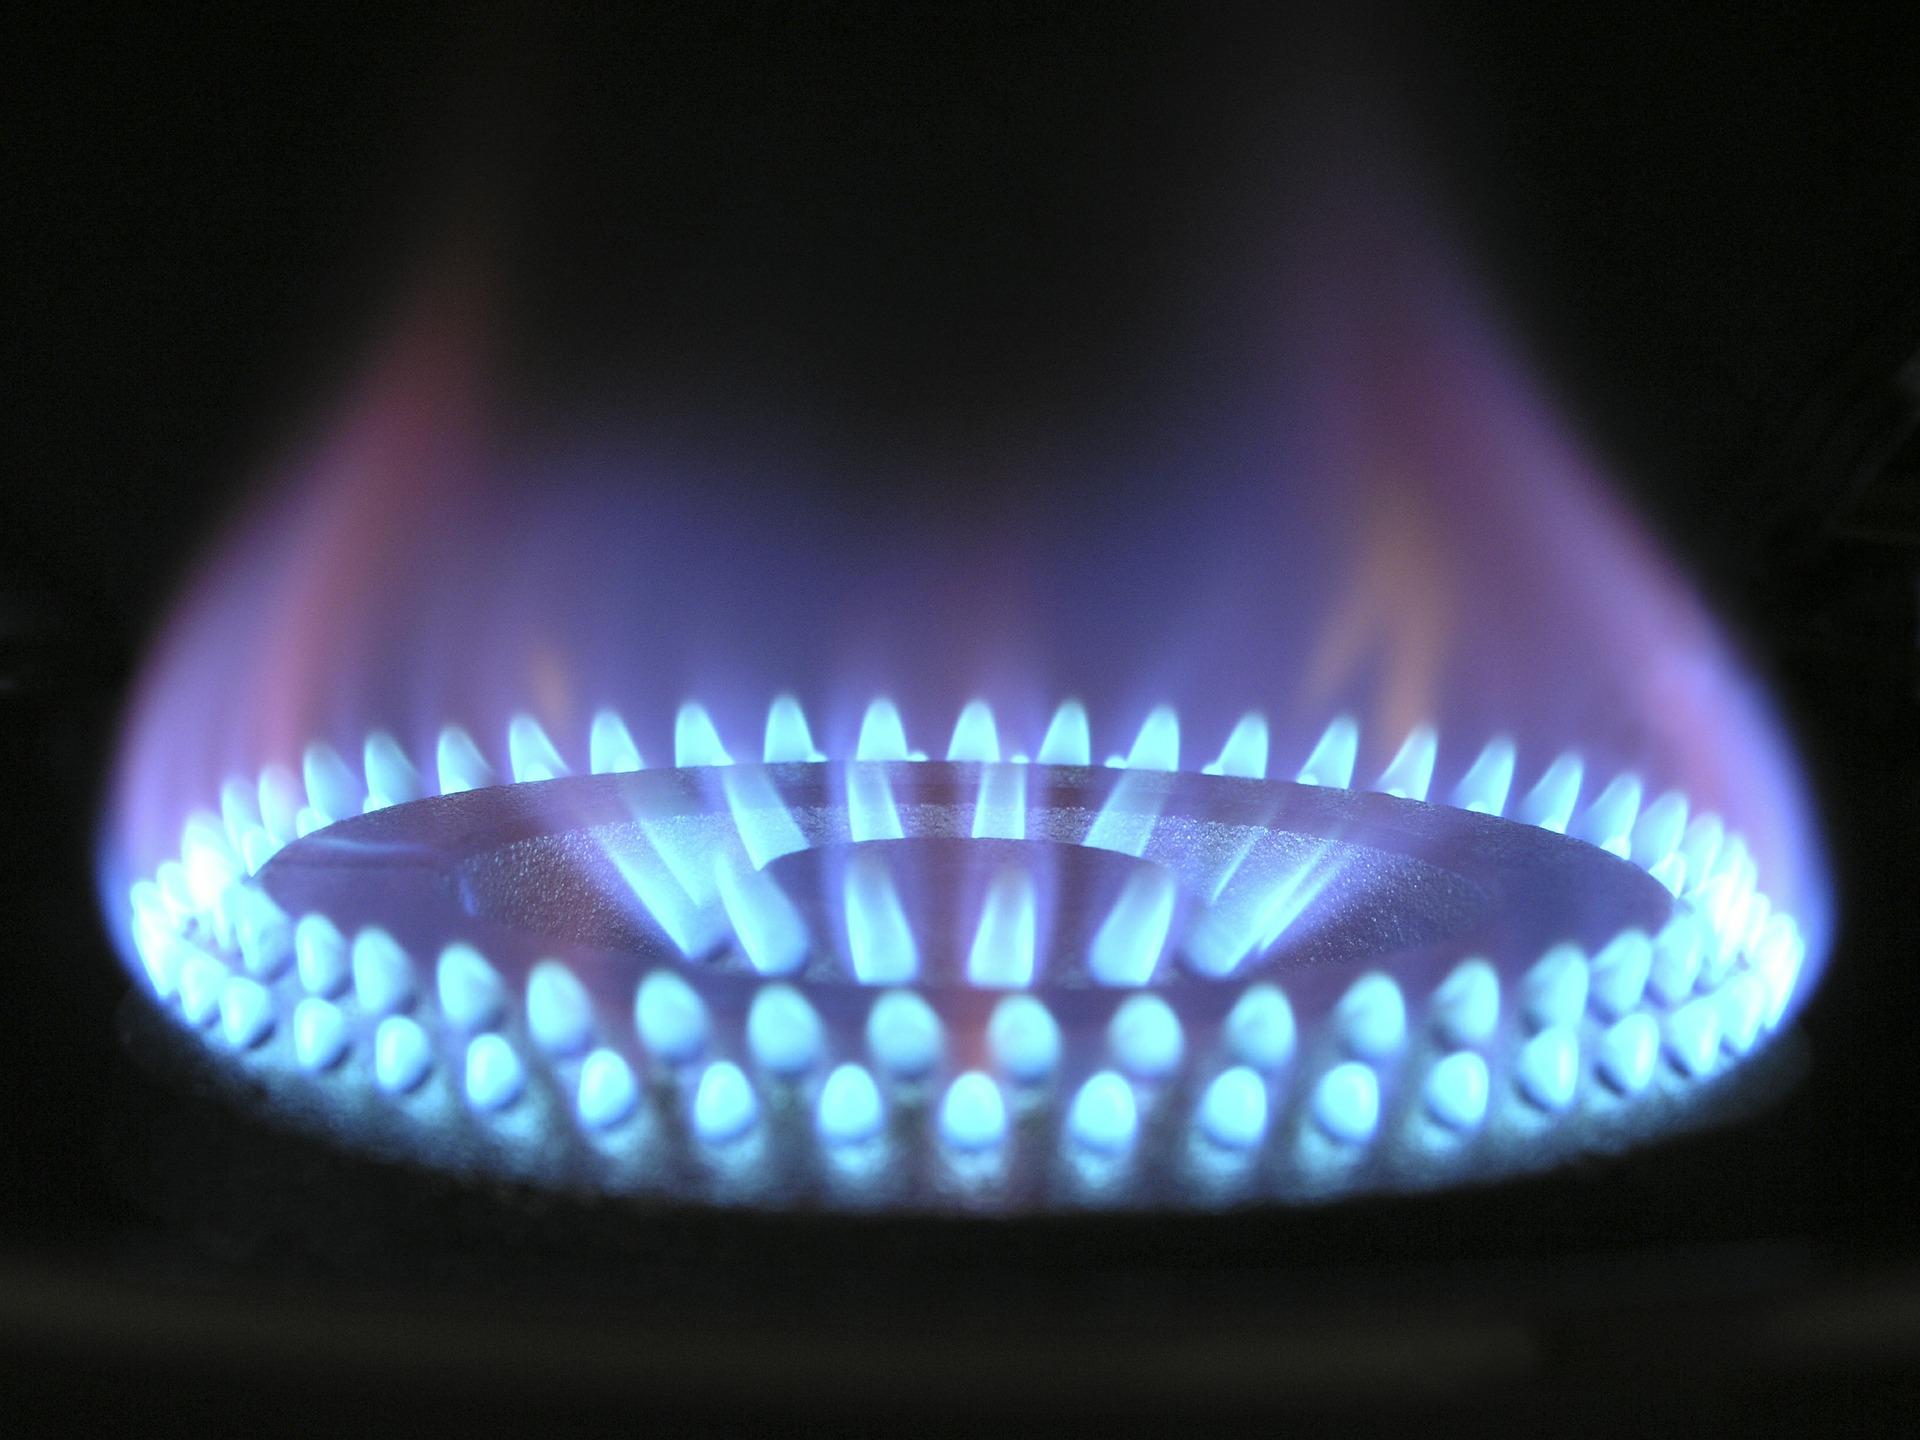 AGCM – Procedimenti, istruttorie e moral suasion sulle offerte di energia elettrica e gas sul mercato libero.